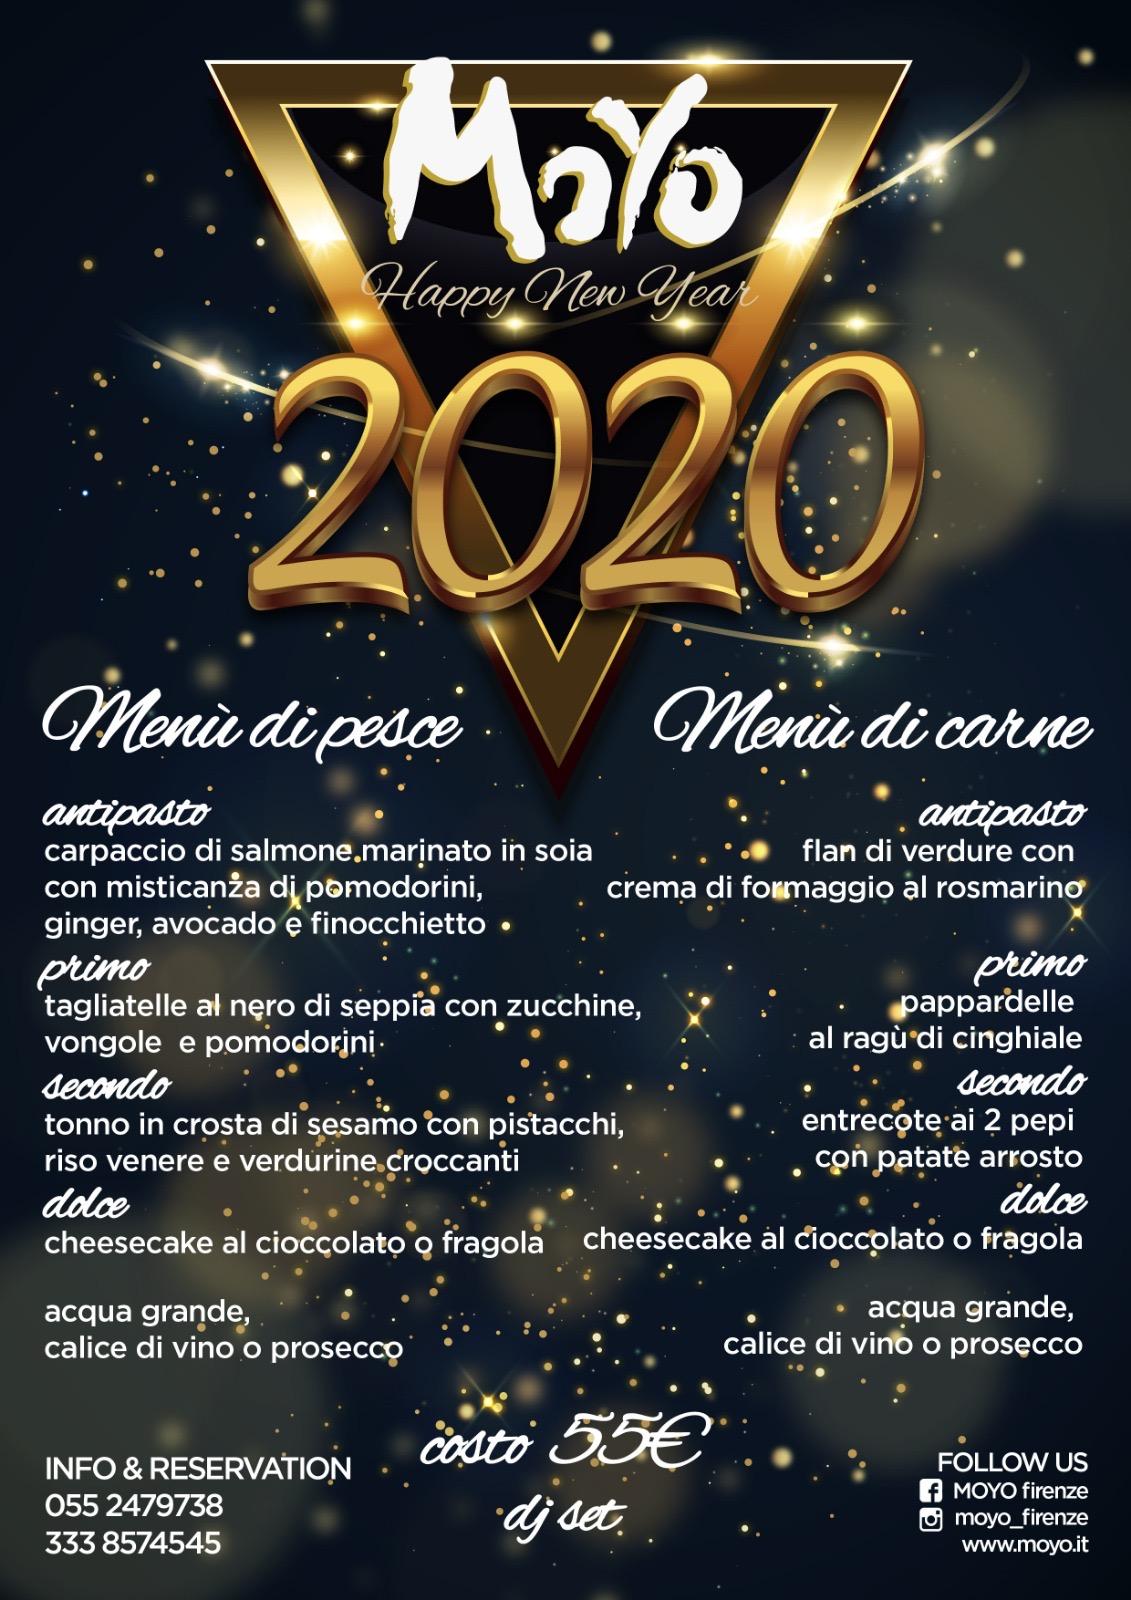 capodanno cena 2020